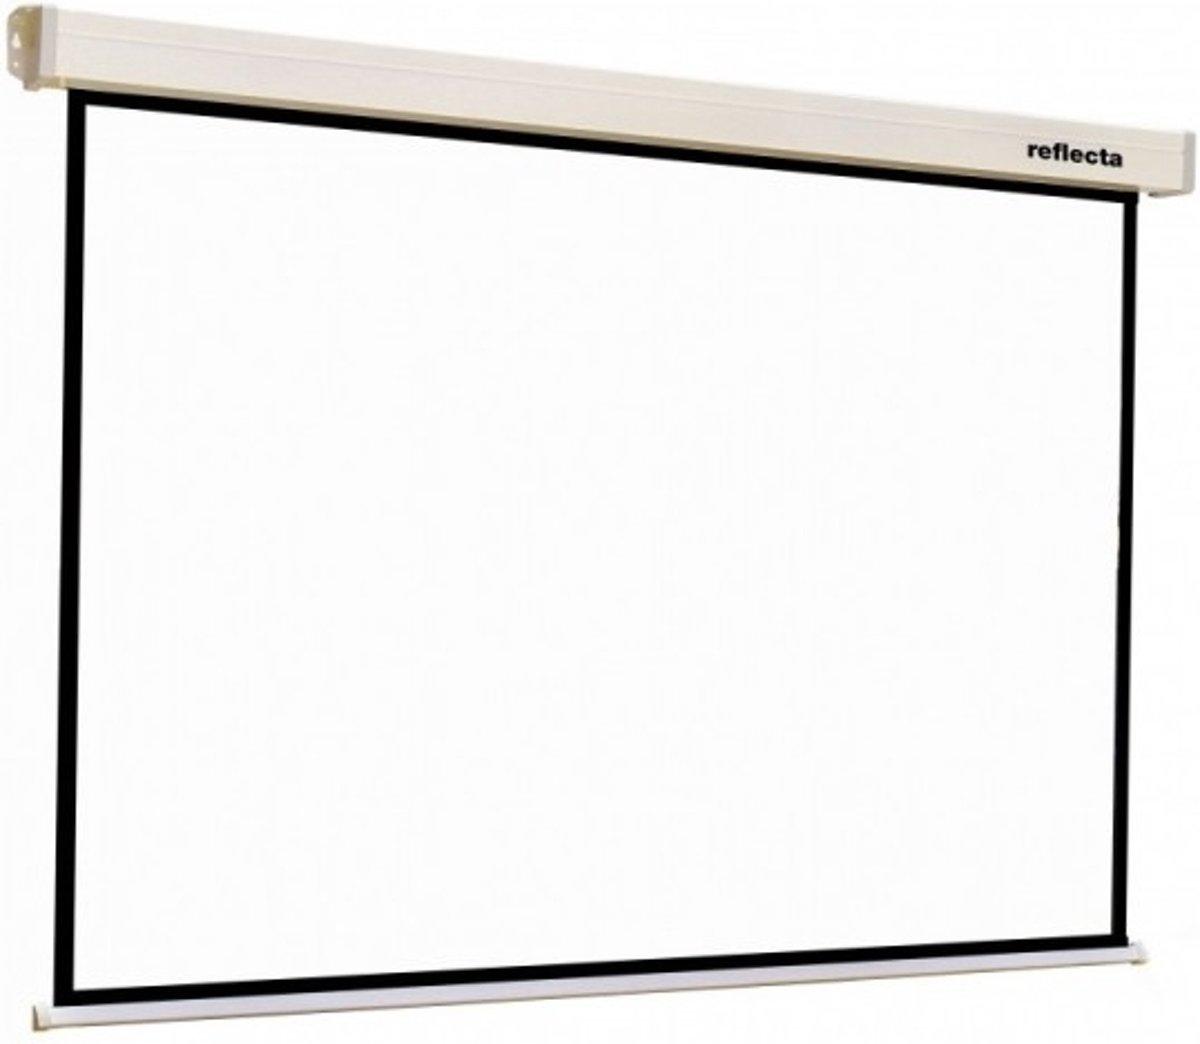 Reflecta SilverFast SE voor ProScan 7200 kopen